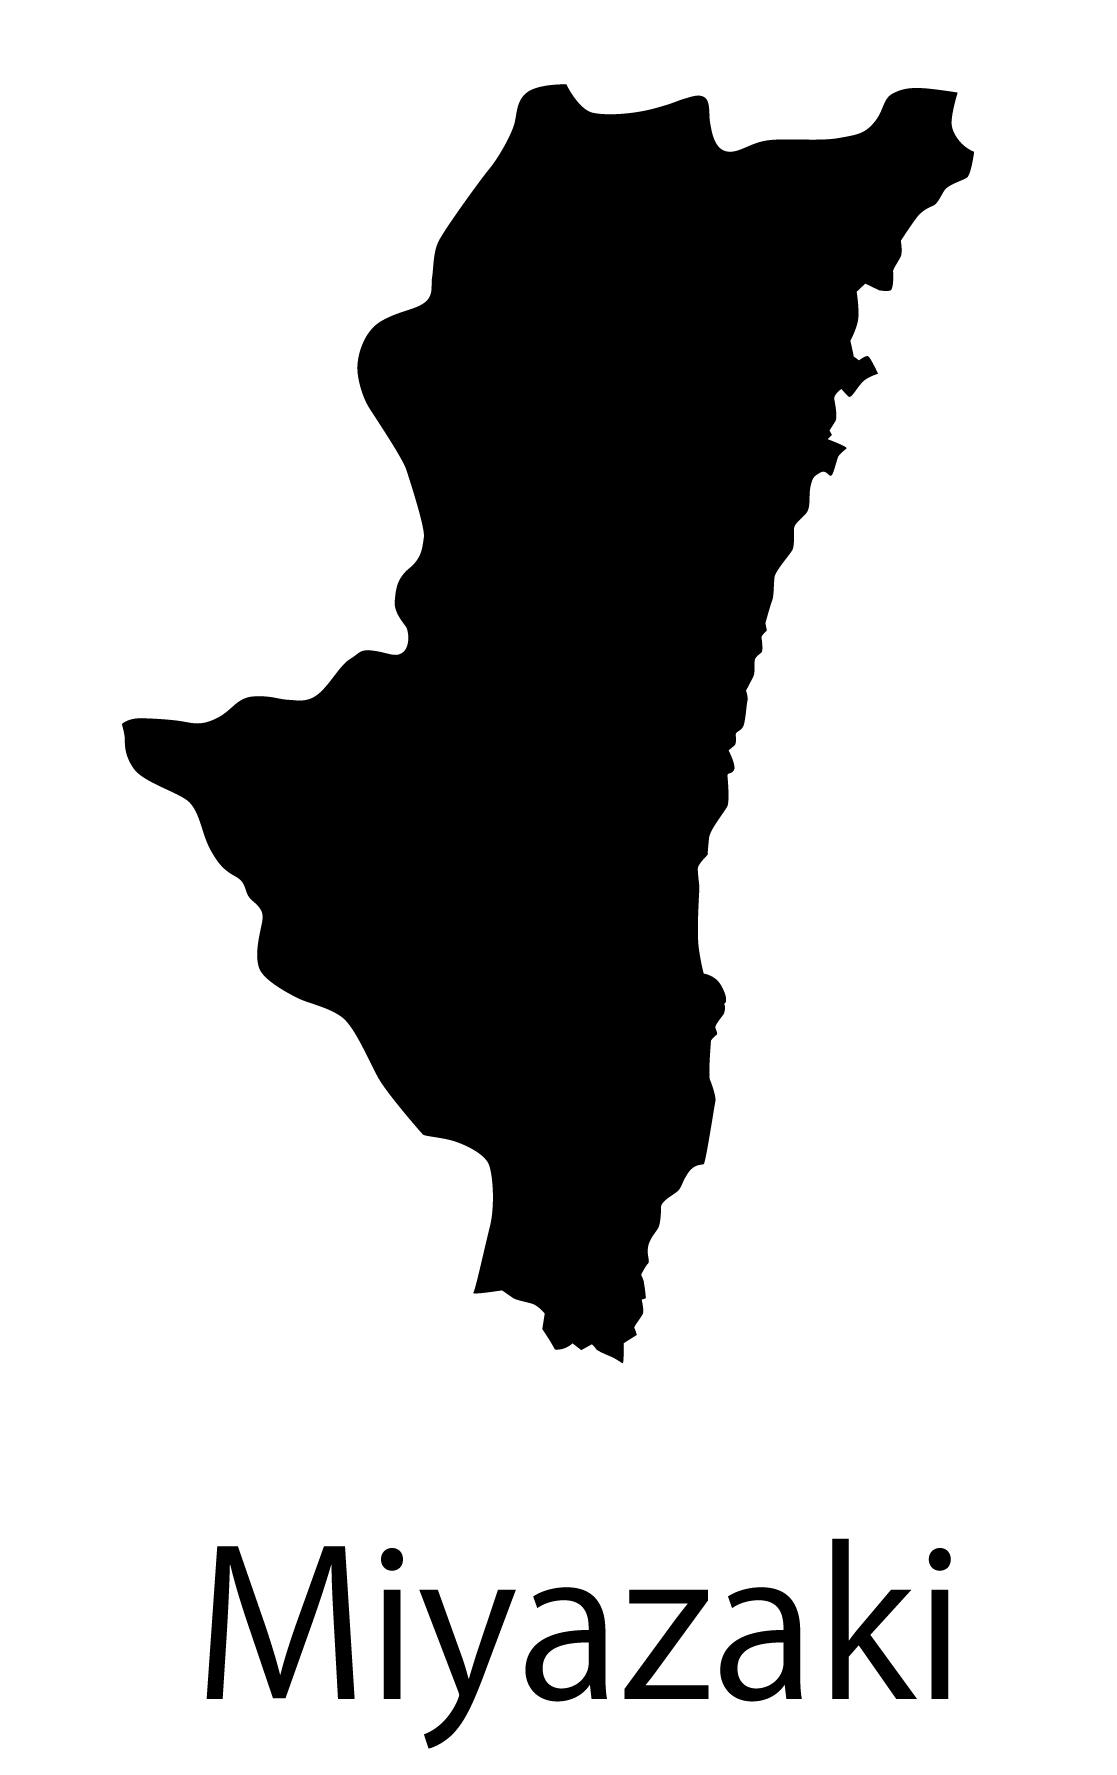 宮崎県無料フリーイラスト|英語・都道府県名あり(黒)